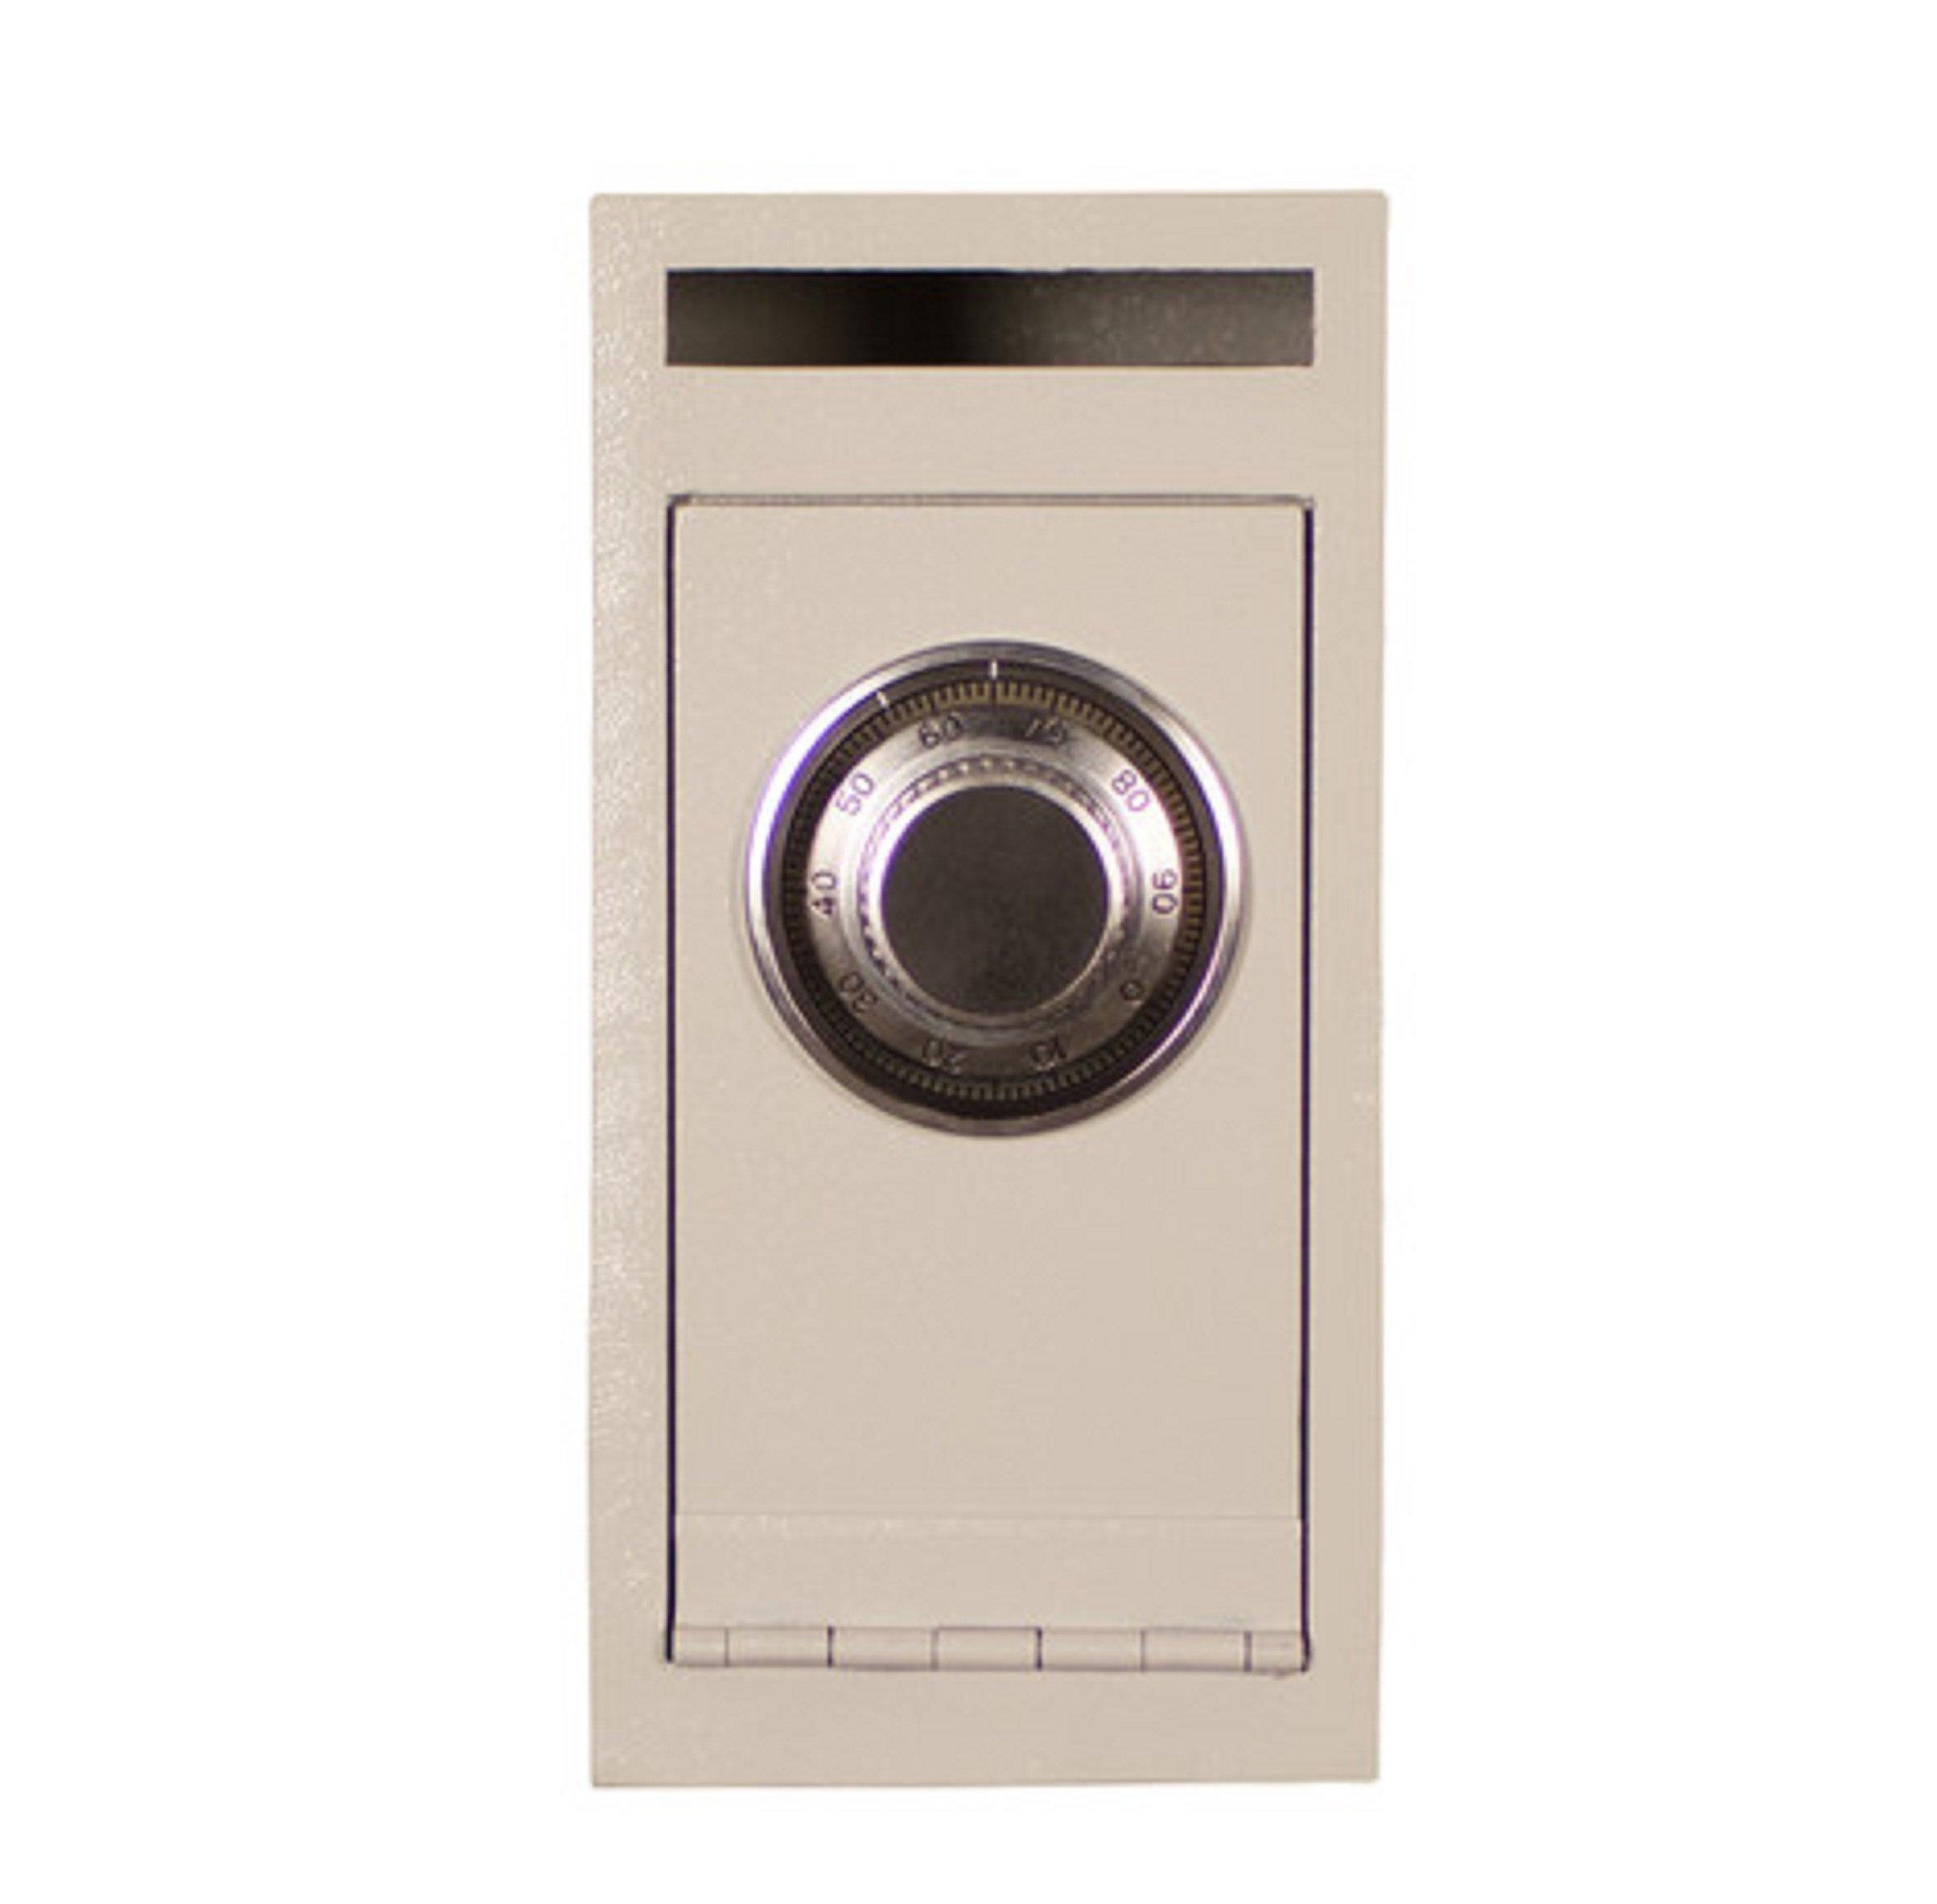 Tracker Safe DS12 Dial Lock Deposit Safe